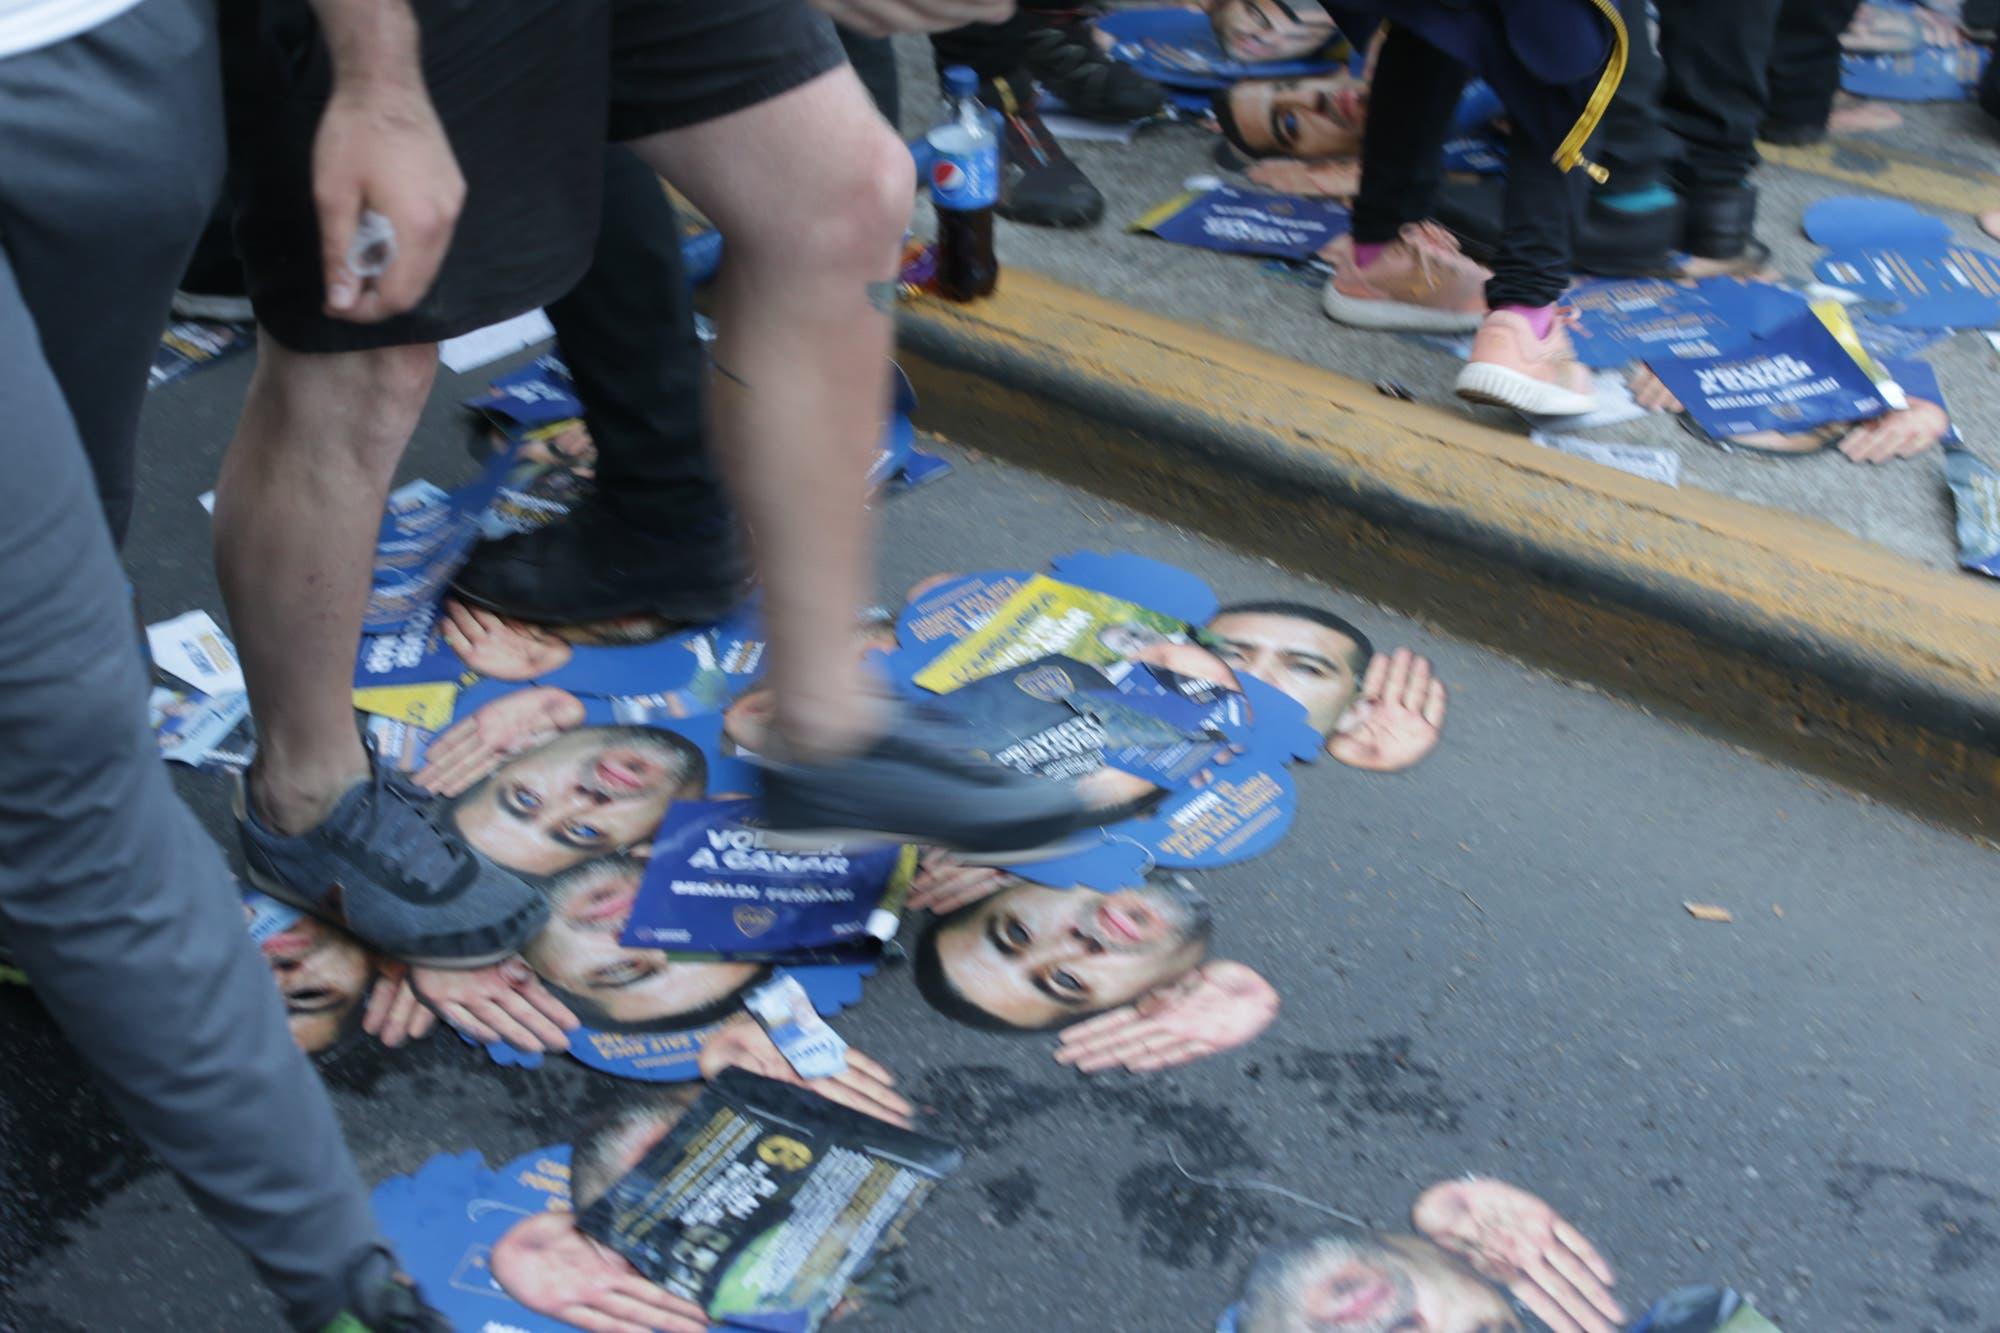 La campaña en Boca se ensucia más: Beraldi avala una denuncia contra la lista de Ameal pero niega ser el autor